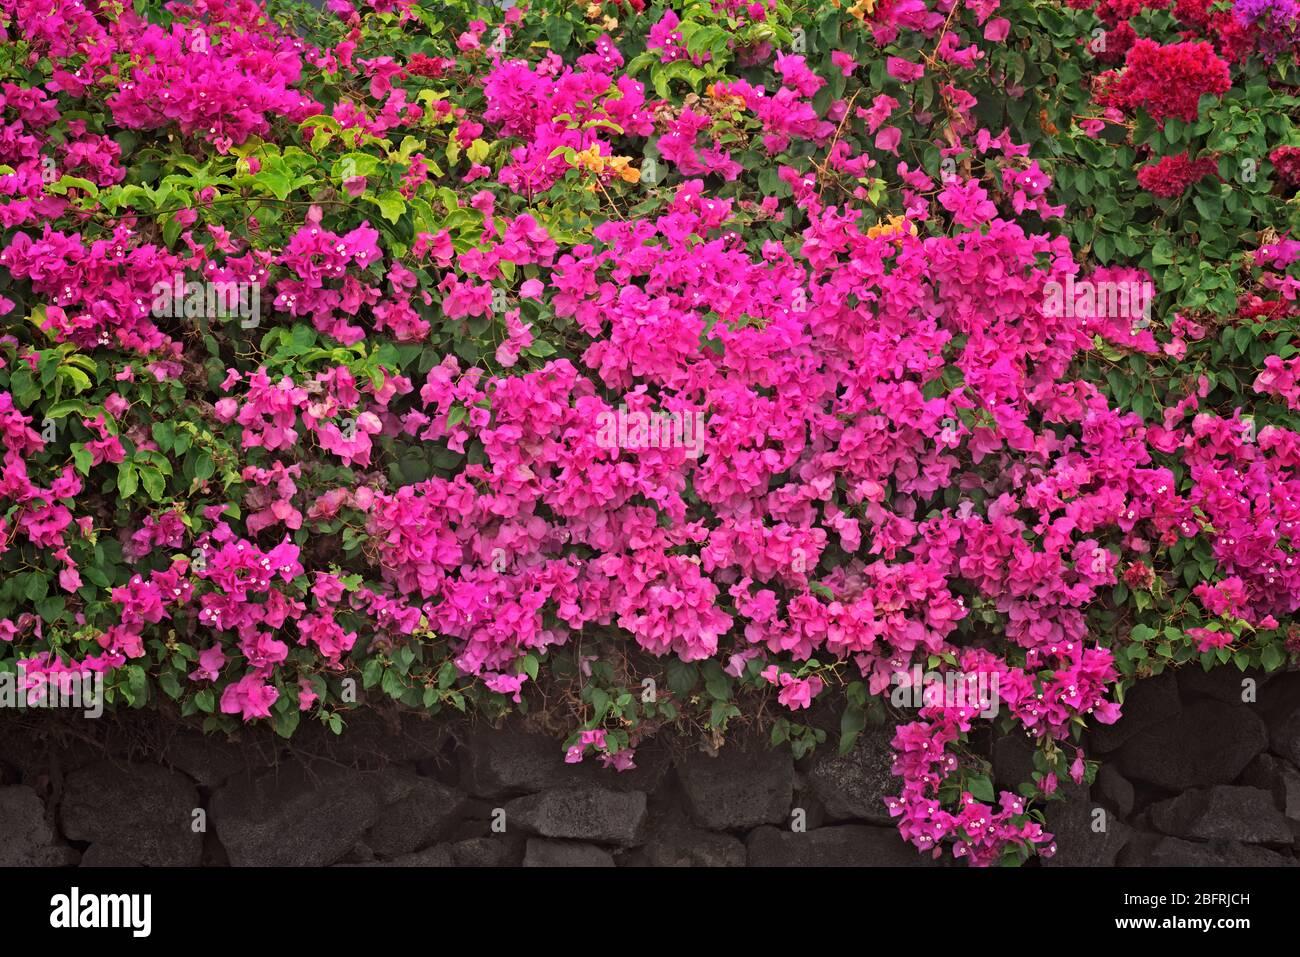 Les bougainvillea fleurit parmi les murs de roche le long de la promenade Ali'i à Kona et sur la Grande île d'Hawaï. Banque D'Images